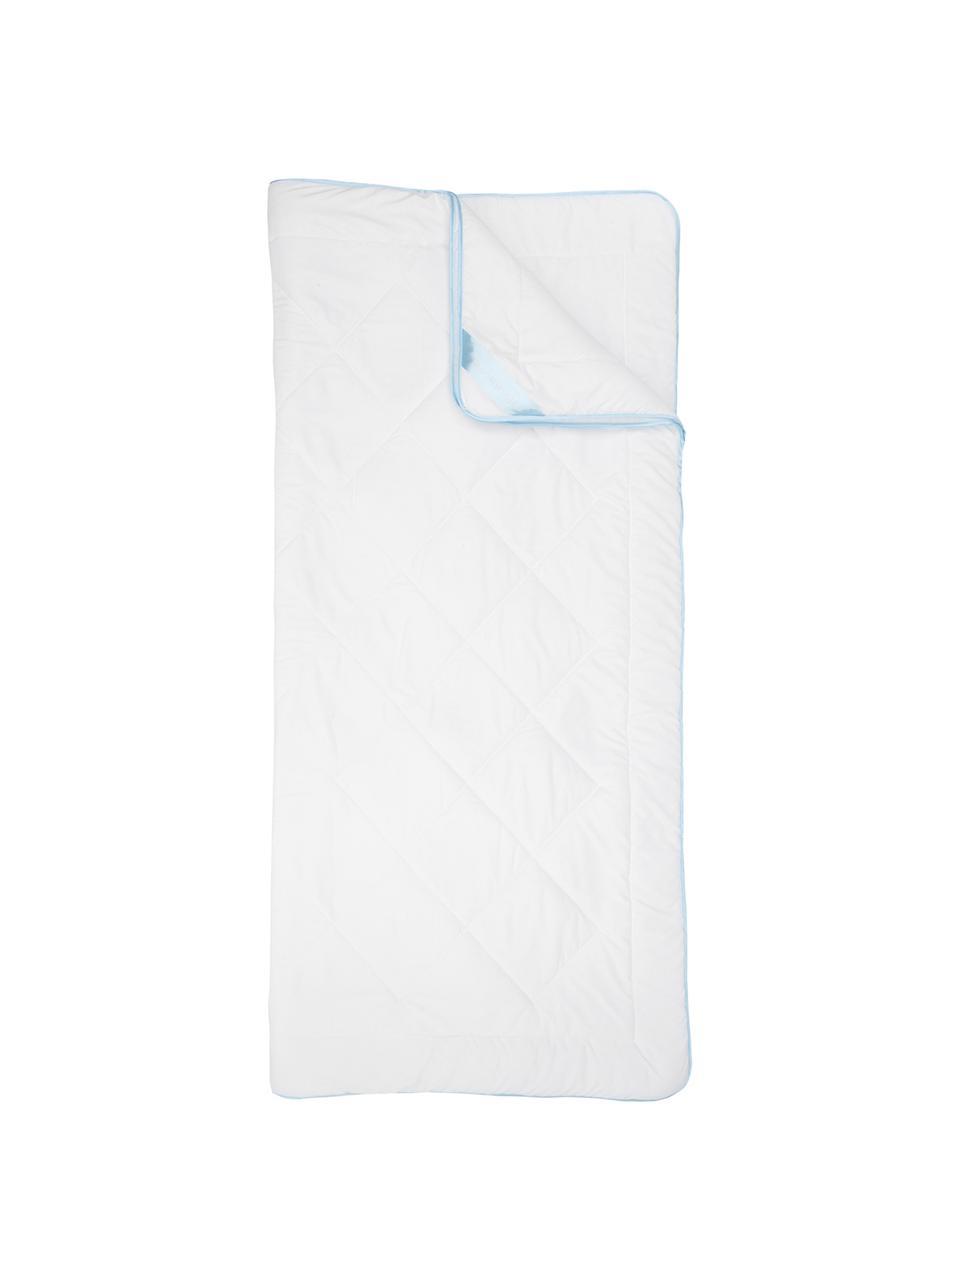 Microfaser-Bettdecke, Vierjahreszeiten, Bezug: Microfaser mit Rautenstep, Weiß, 135 x 200 cm